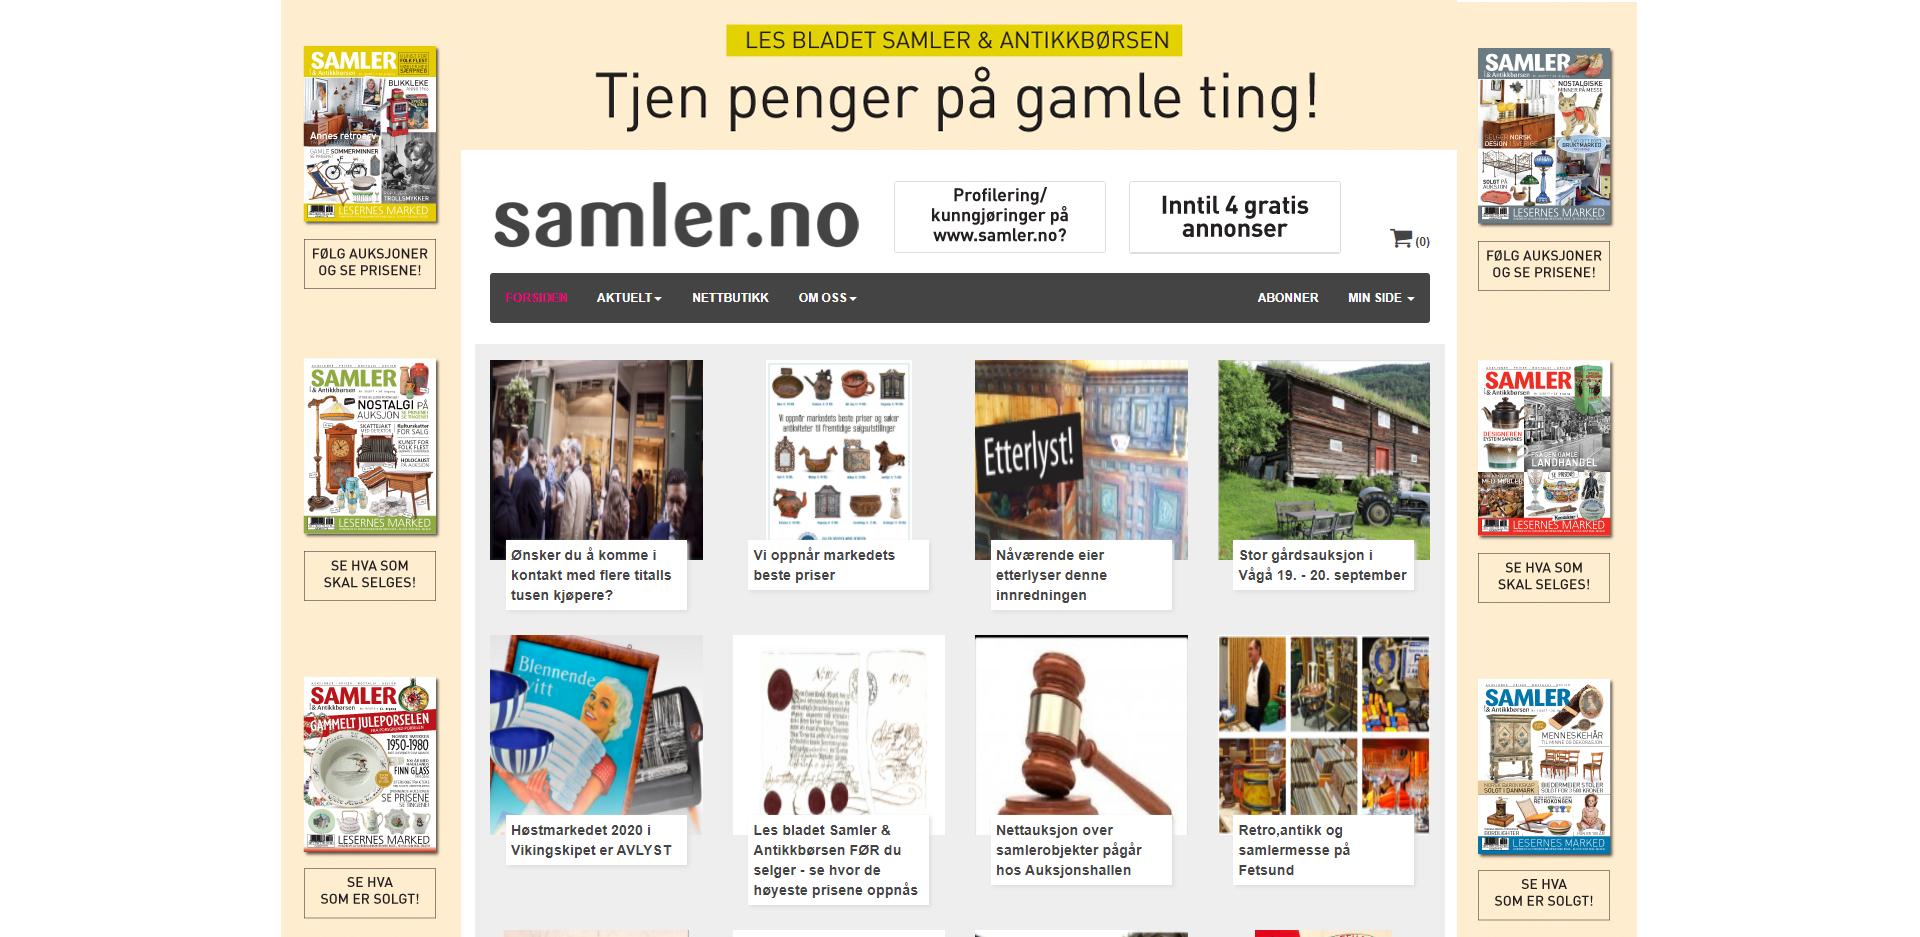 Samler